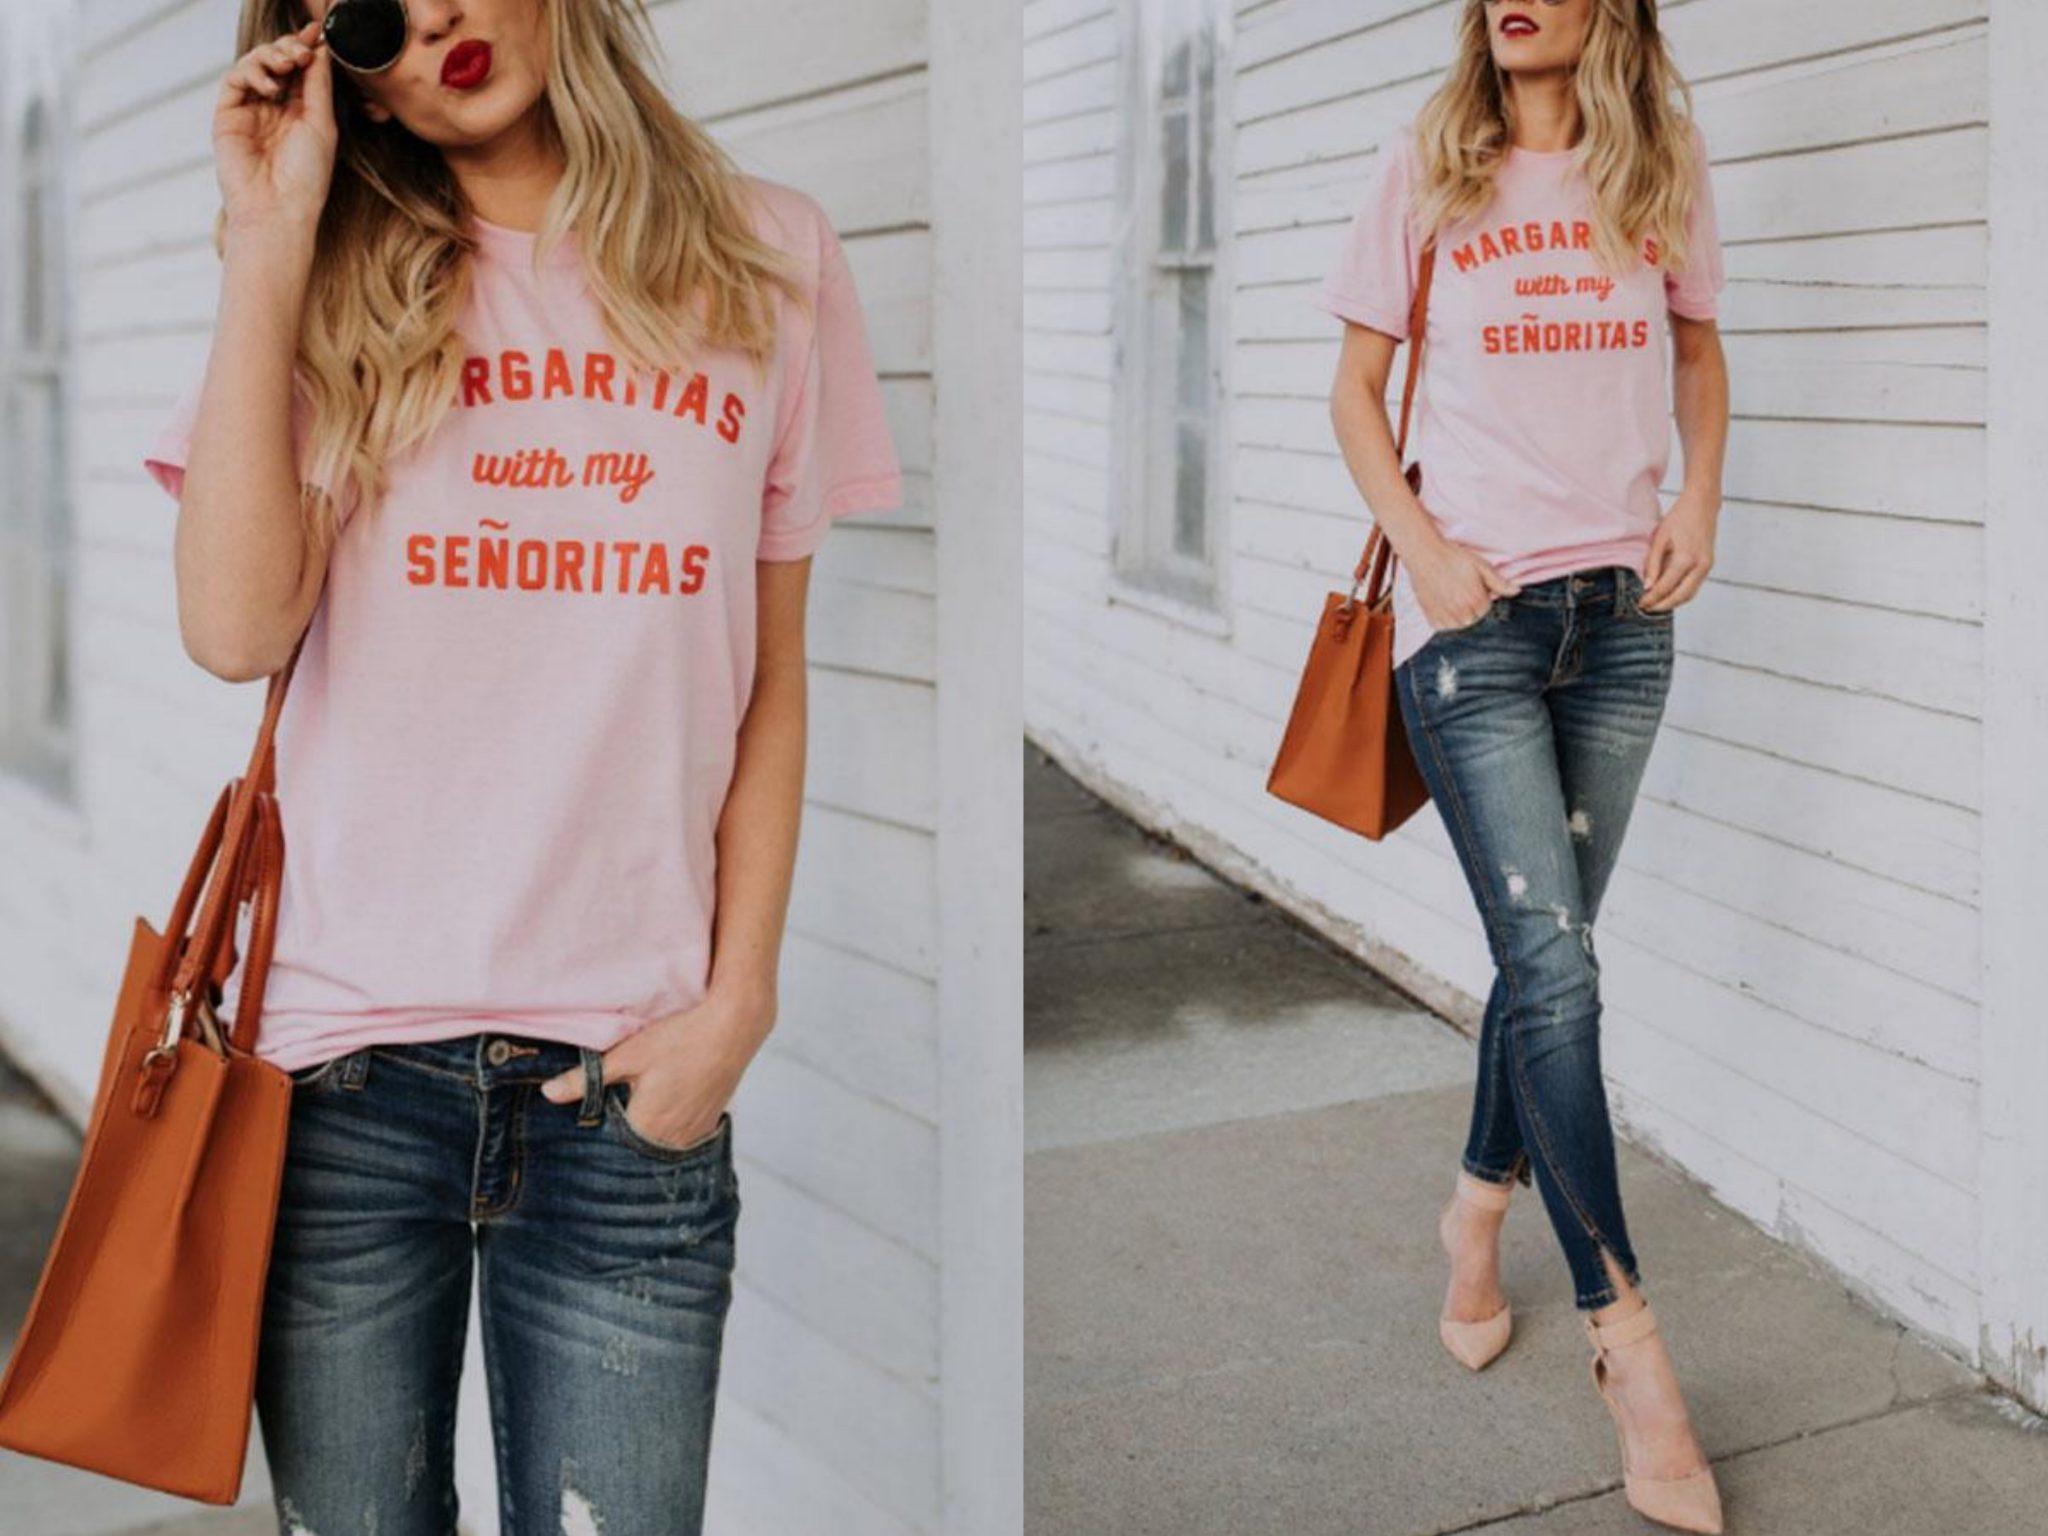 La primavera y Bellalike  te ponen guapa con sus diseños refrescantes de moda 9